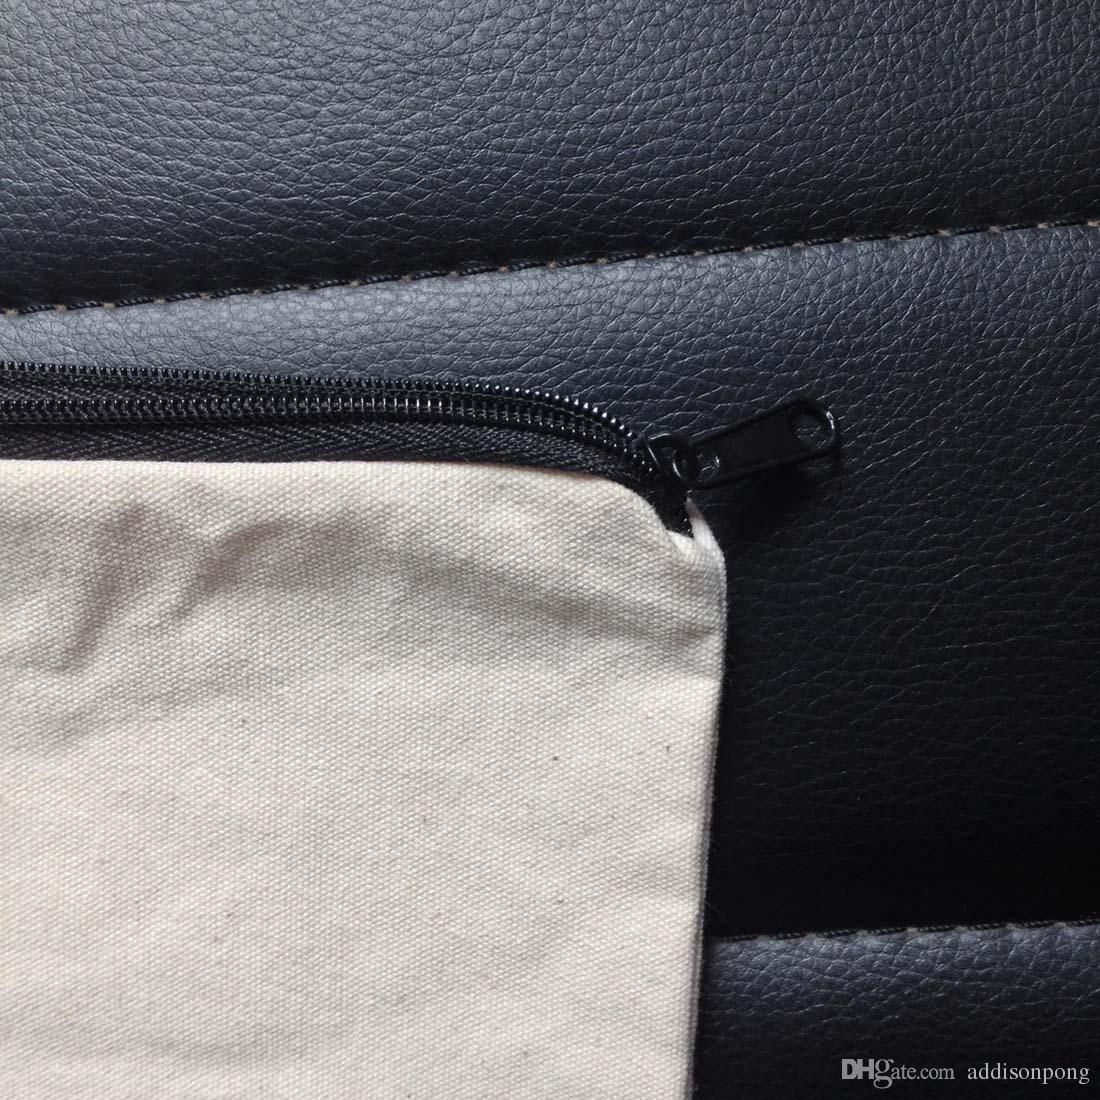 100 stks / partij Plain Natural Light Ivory Color Pure Cotton Canvas Portemonnee met Black Rits Unisex Casual Portemonnee Blanco Katoen Pouch